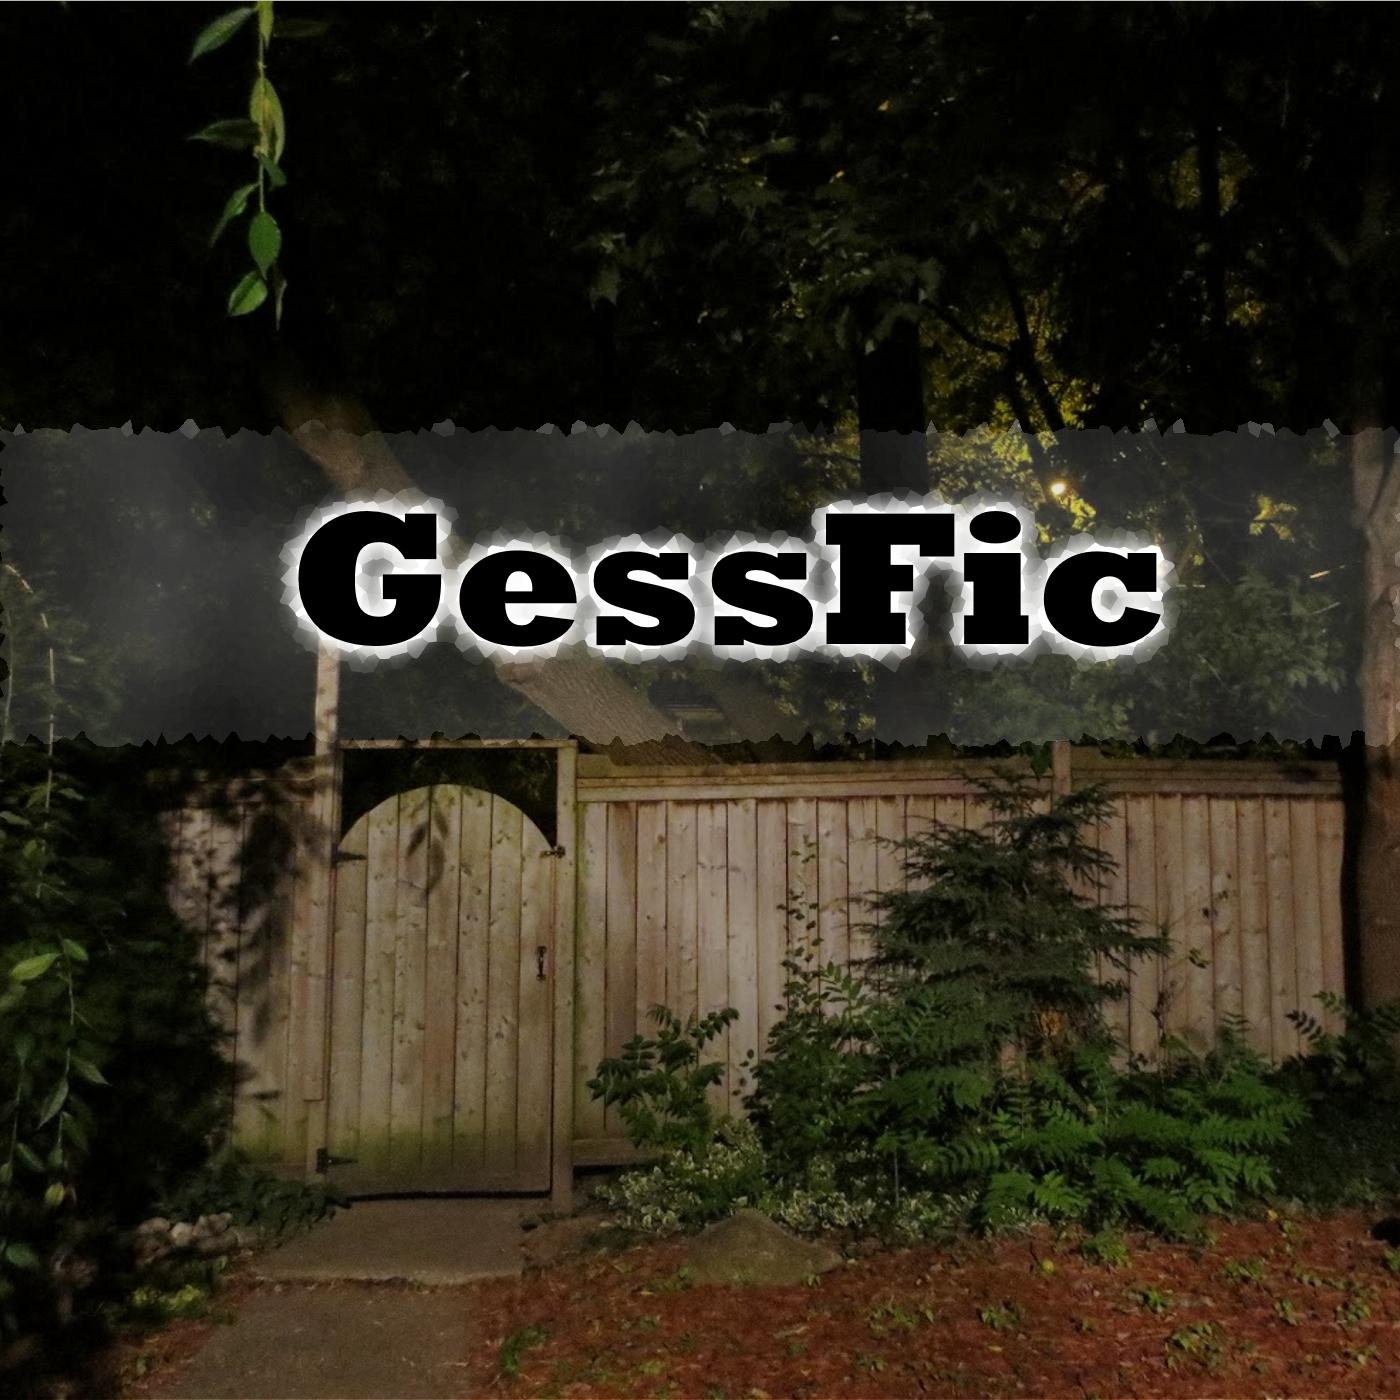 Episode 3 - Night Life